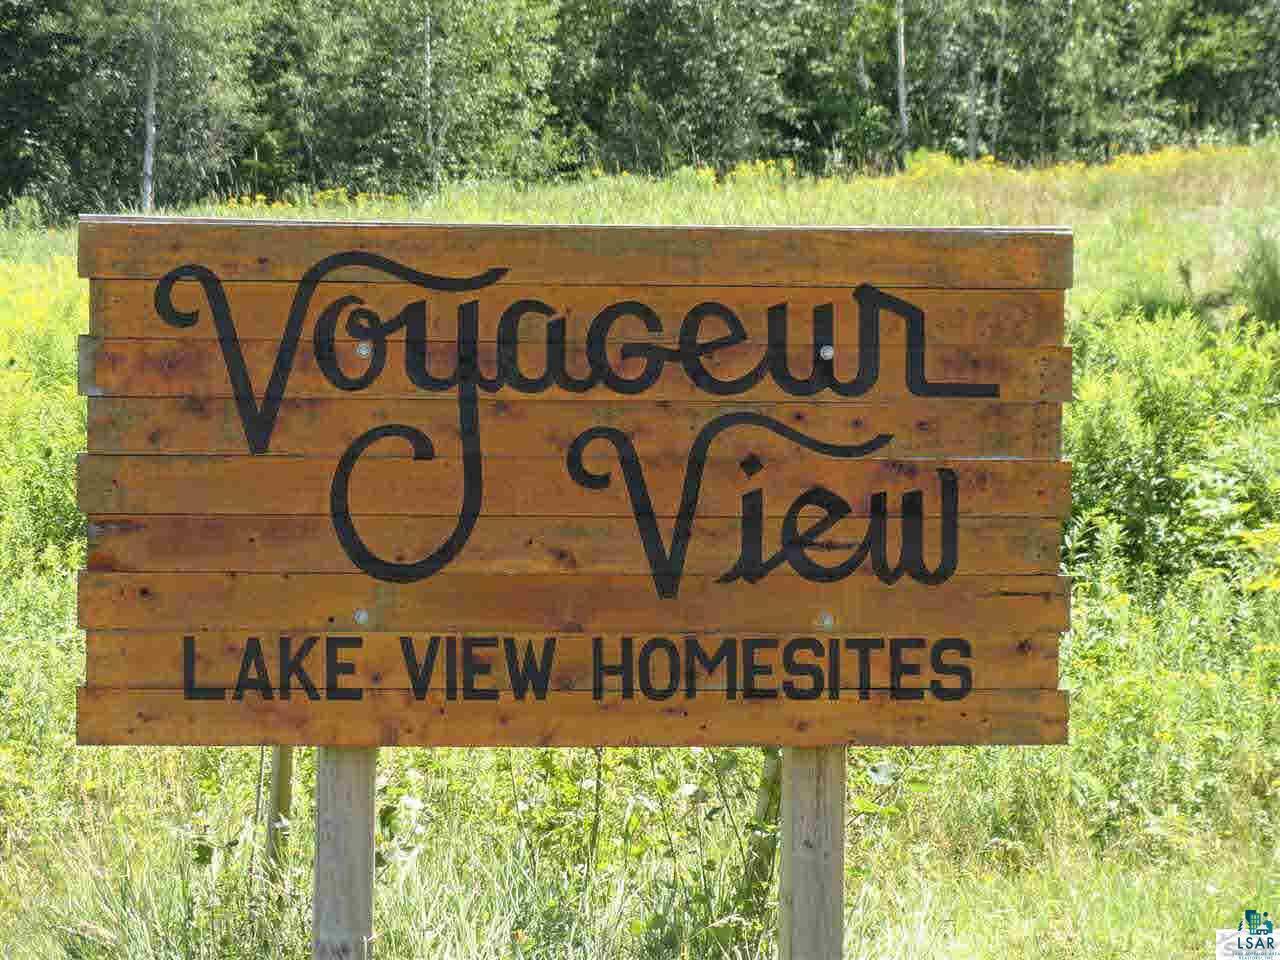 Lot 4 Voyageur View Tr